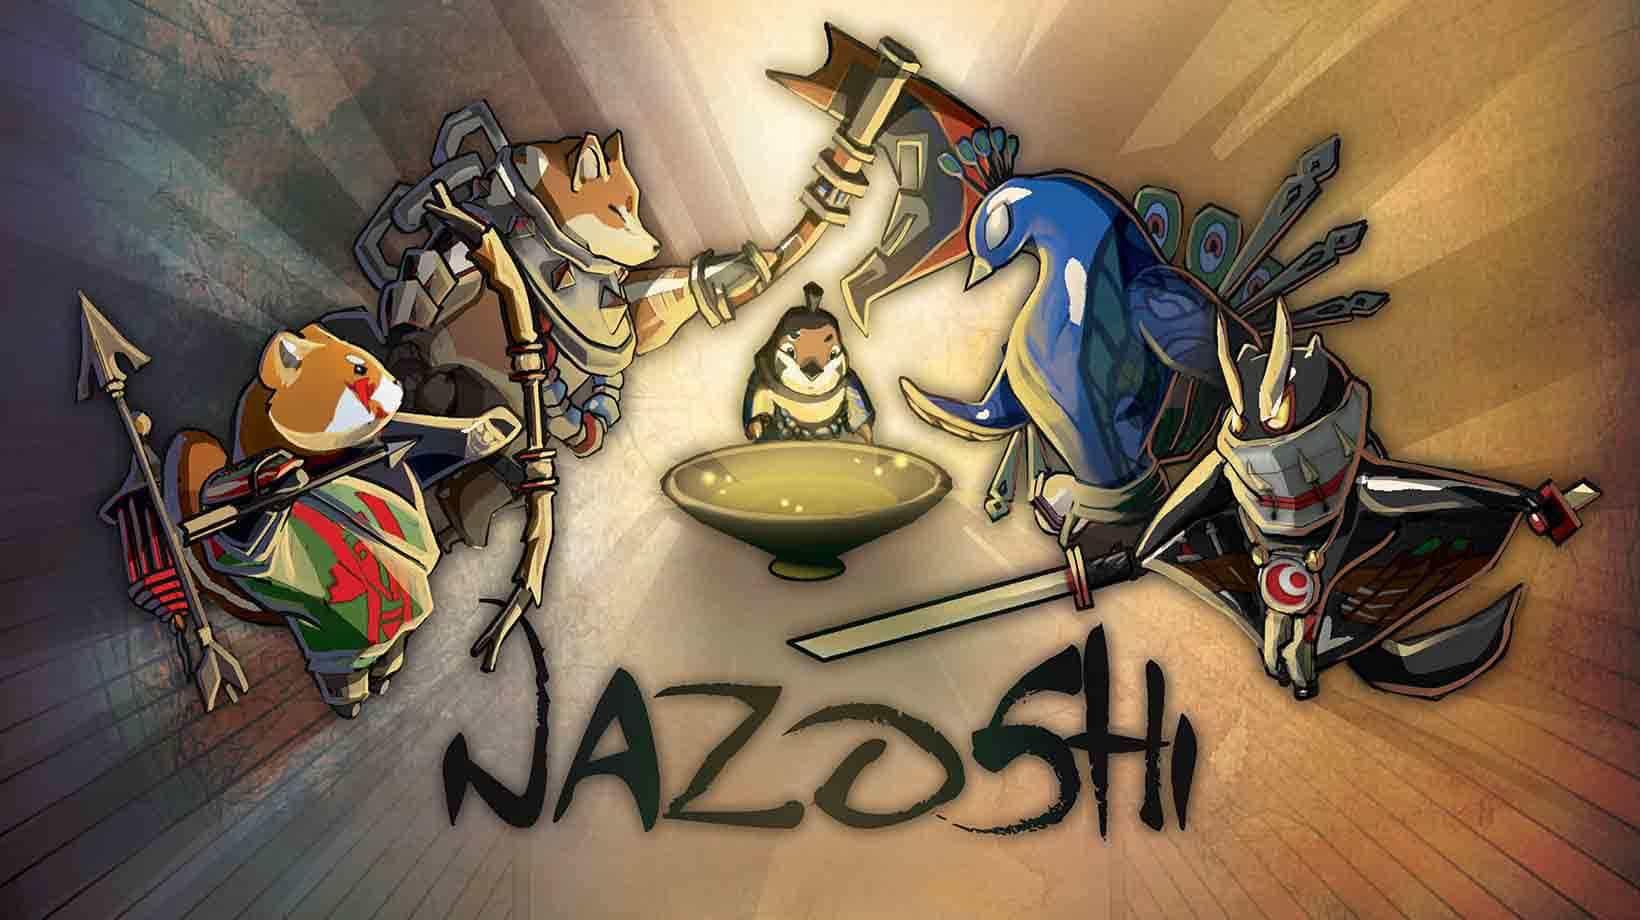 nazoshi-for-gods-sake